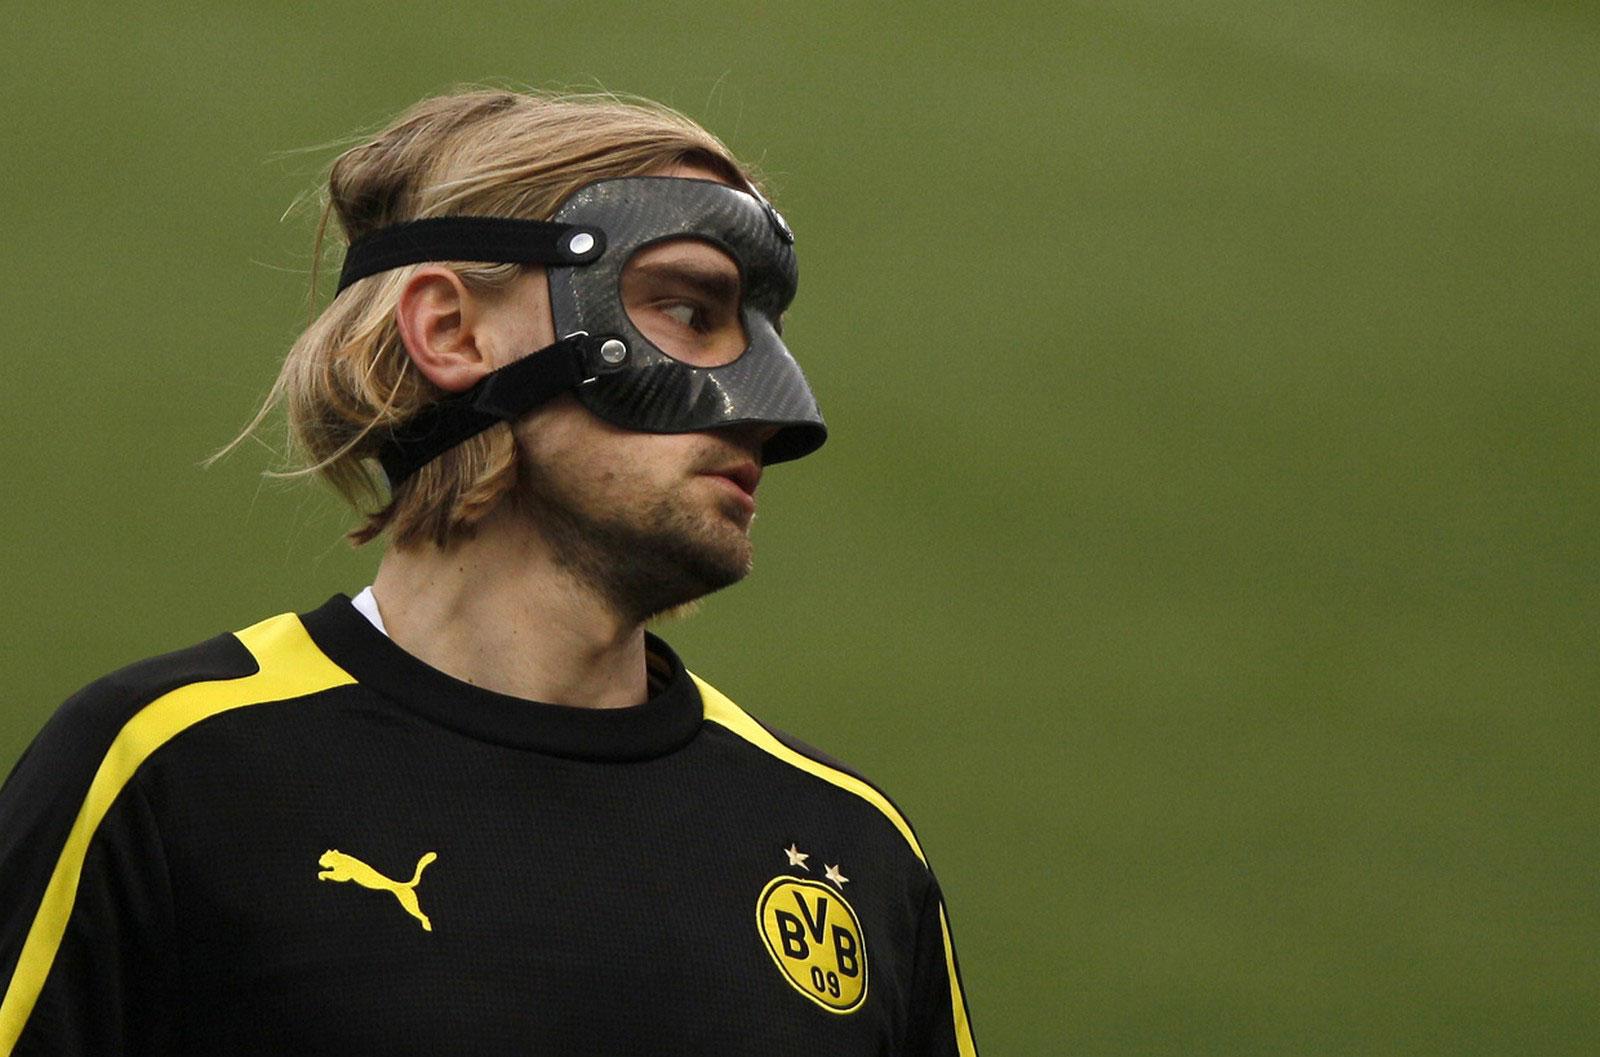 футболист в защитной маске